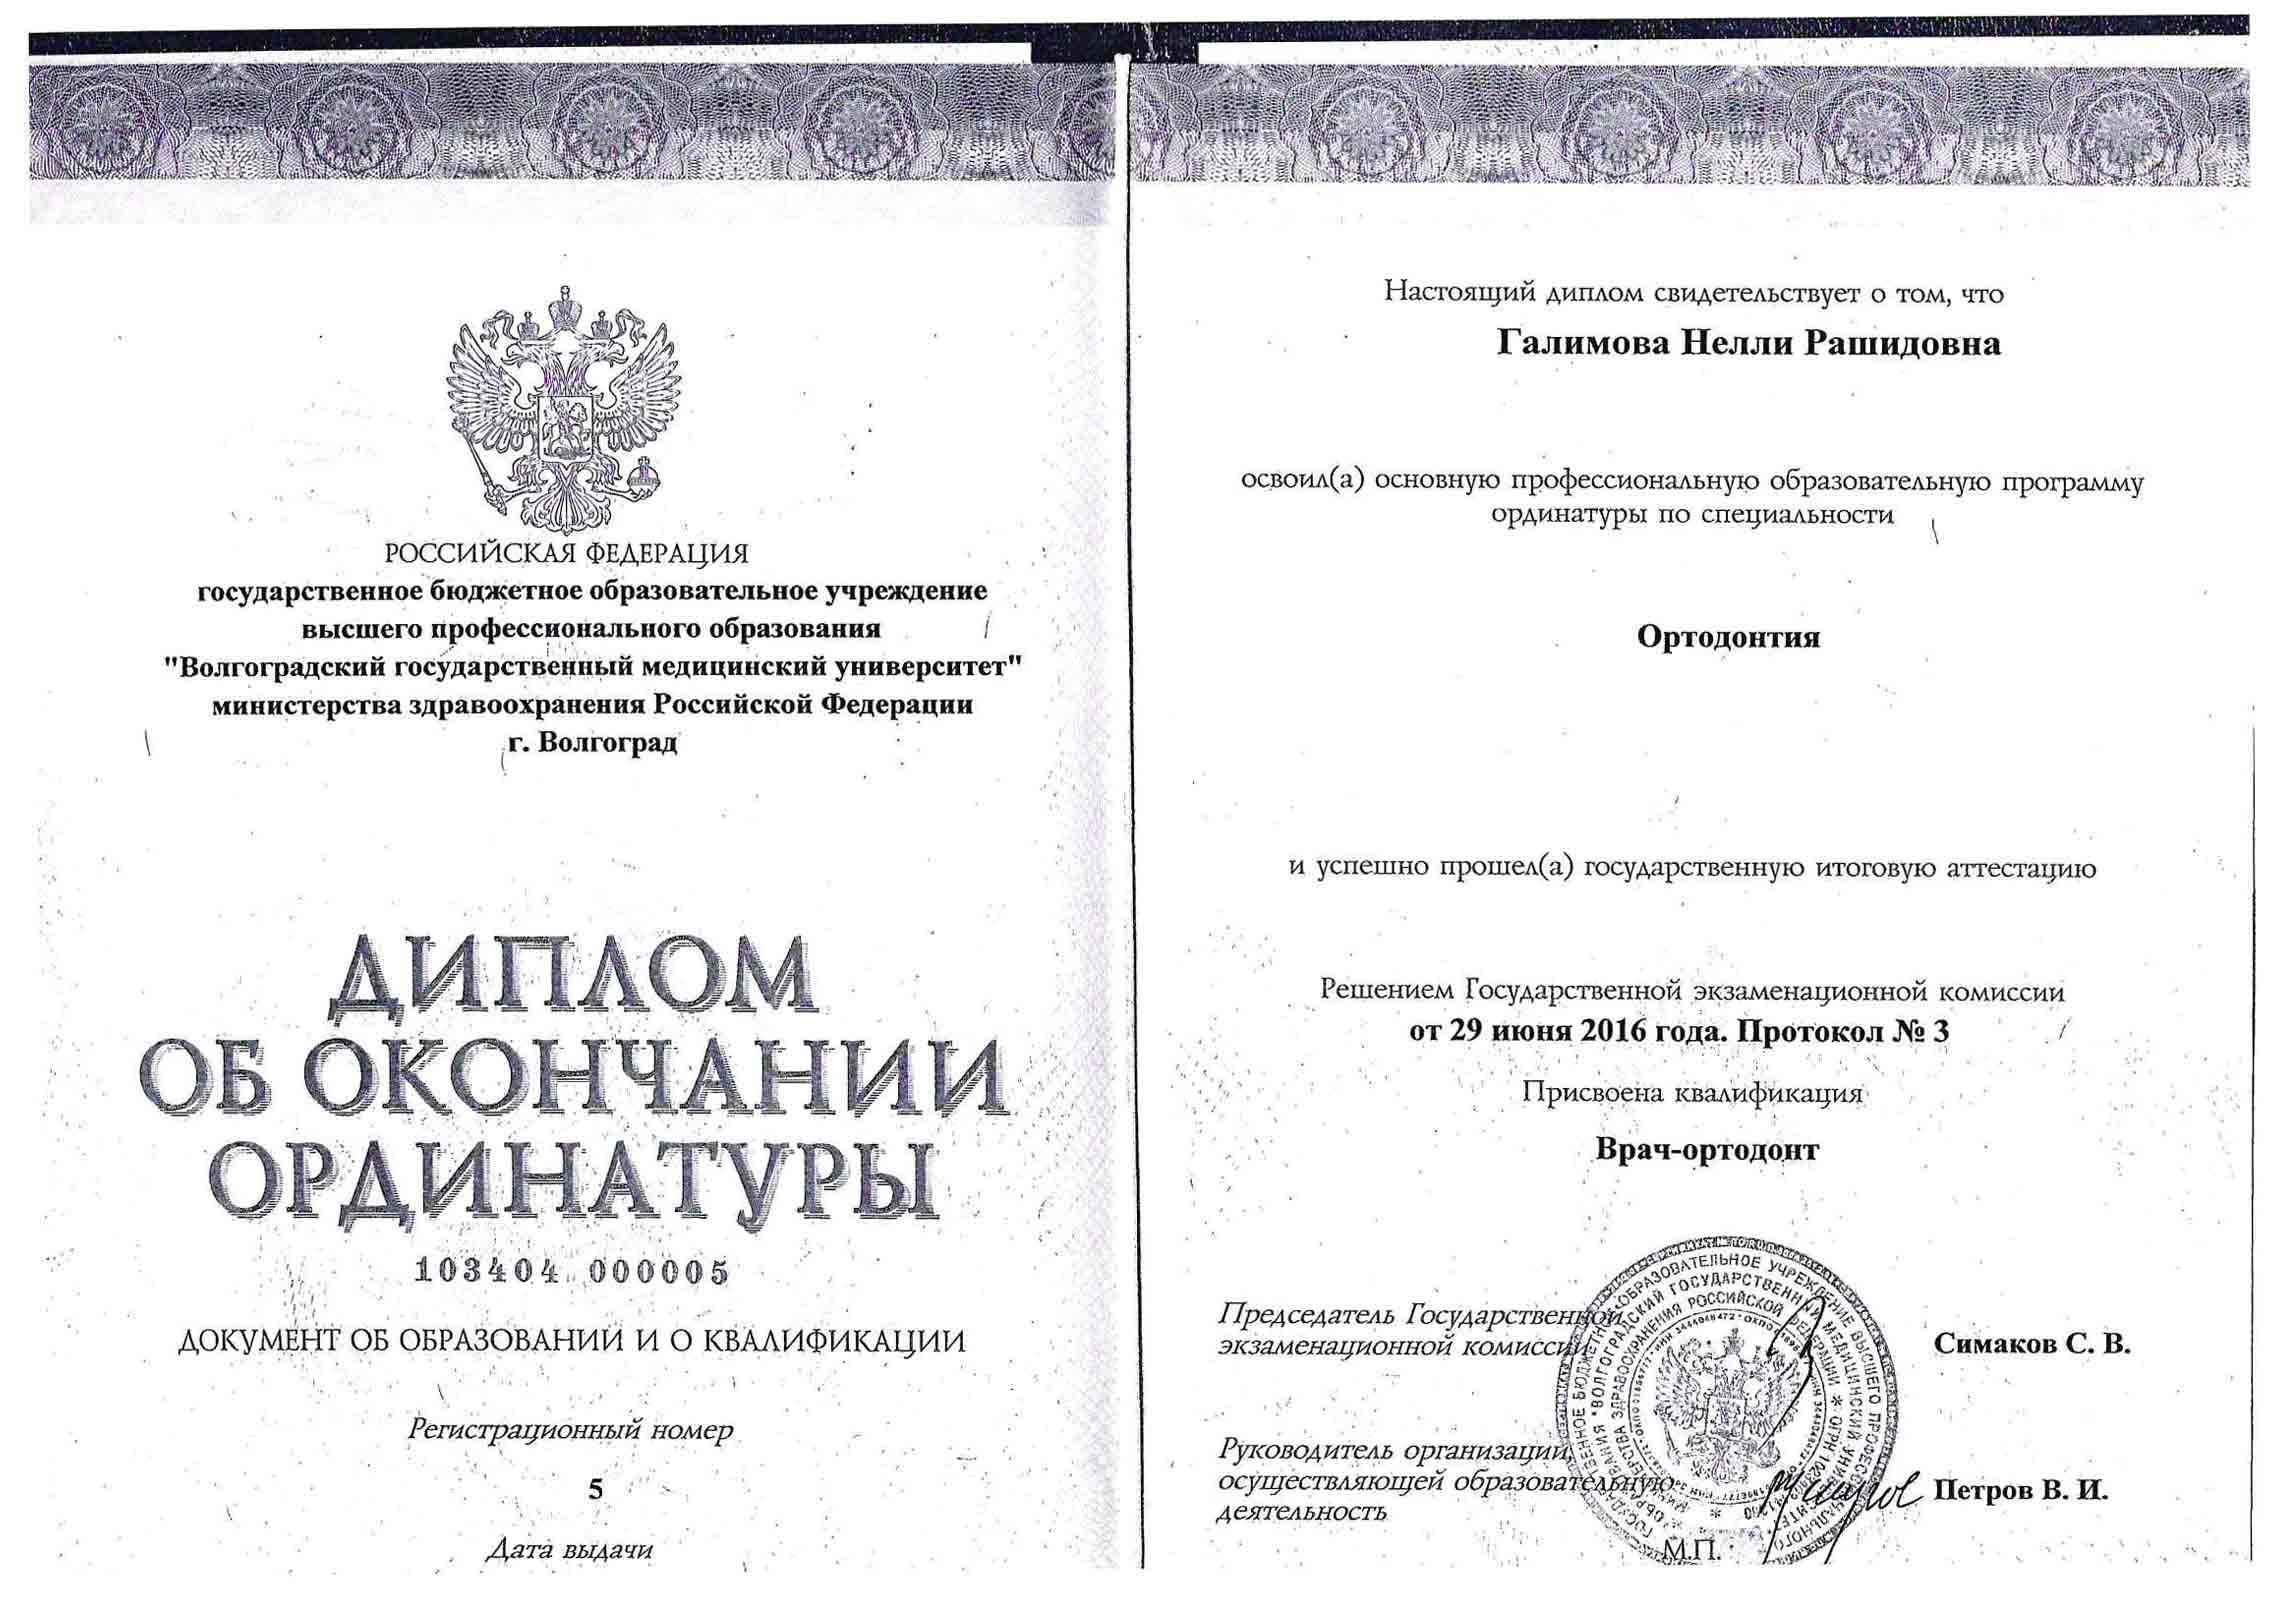 диплом стоматолога-ортодонта Солововой Нелли Рашидовны